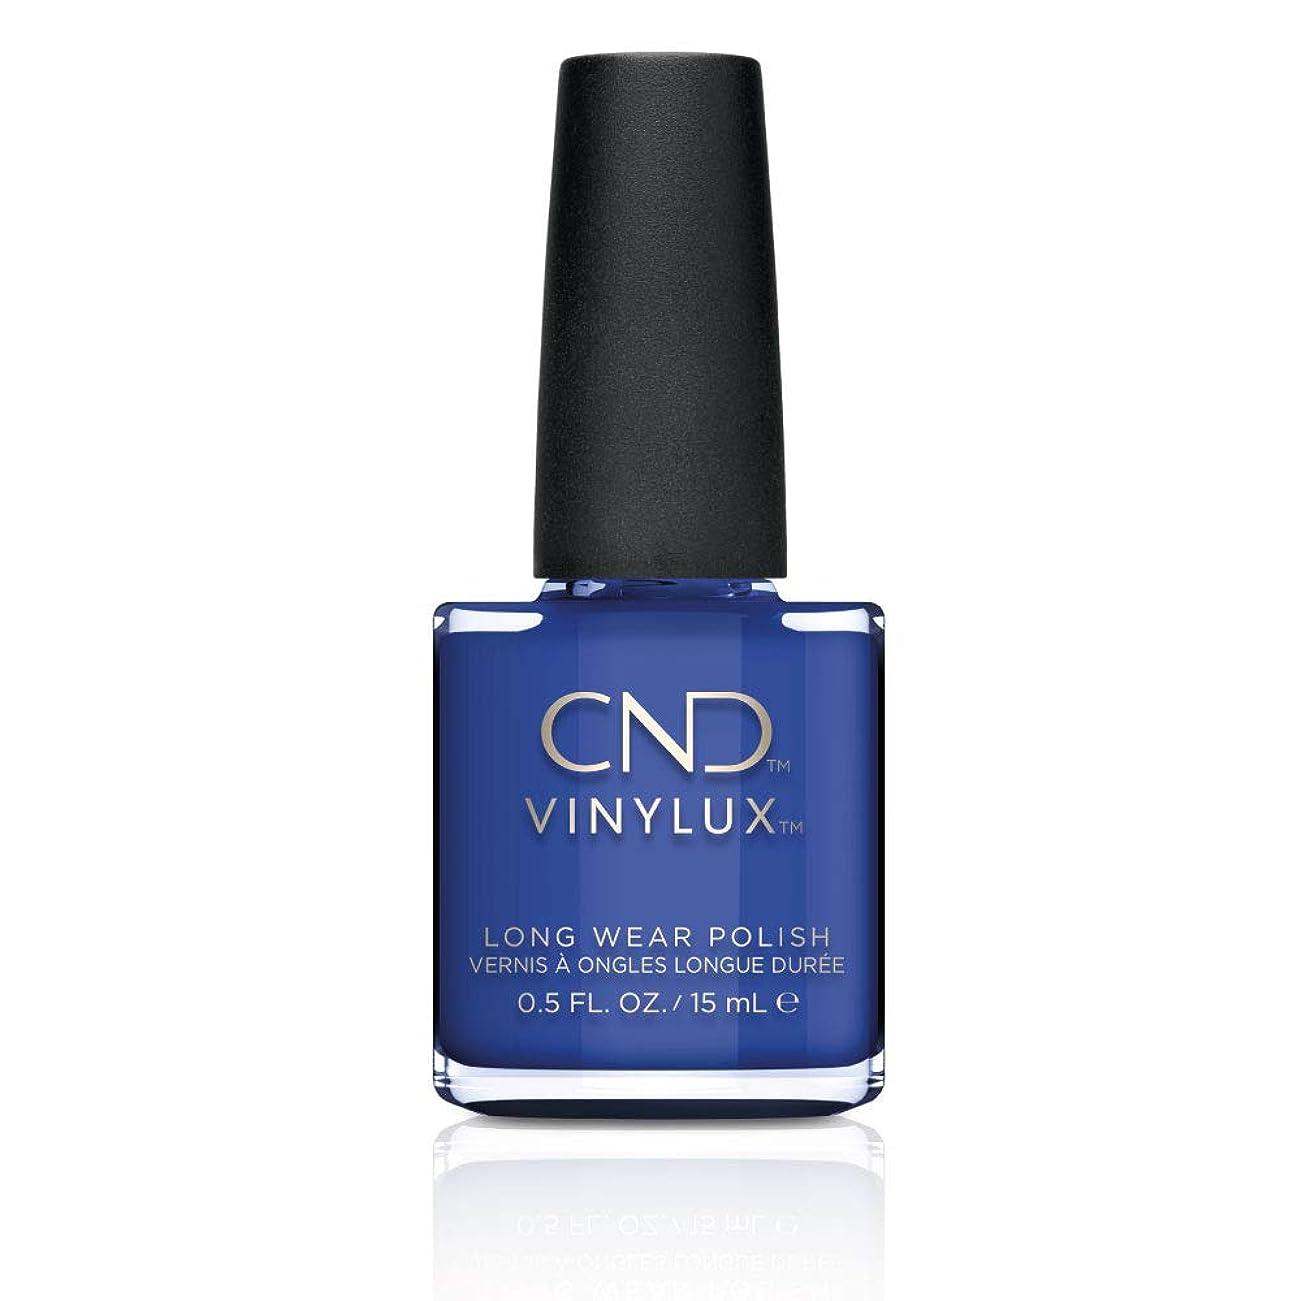 想像する冷酷な集団的CND(シーエヌディー) バイナラクス ウィークリーポリッシュ 238 ブルーアイシャドウ 15ml